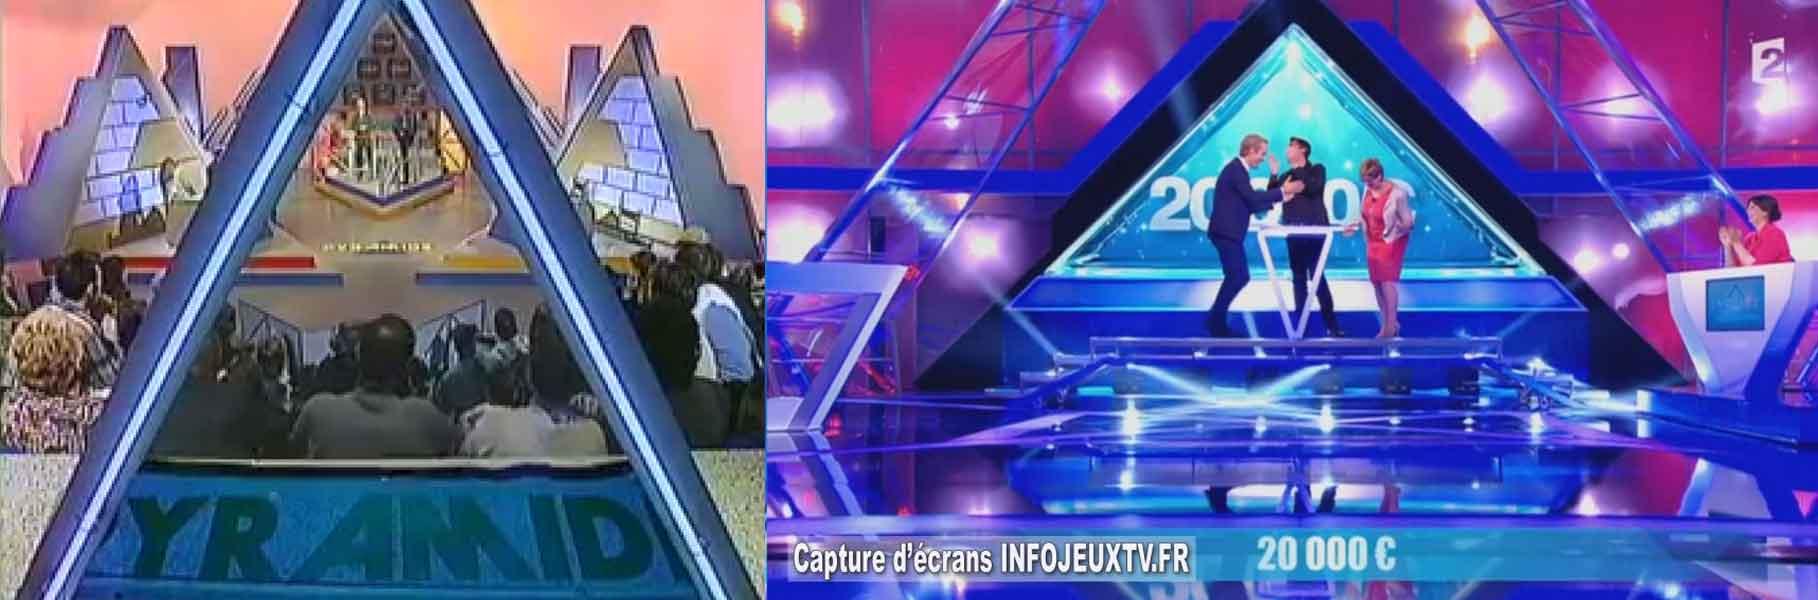 La pyramide qui se remplie d'eau est devenue virtuelle